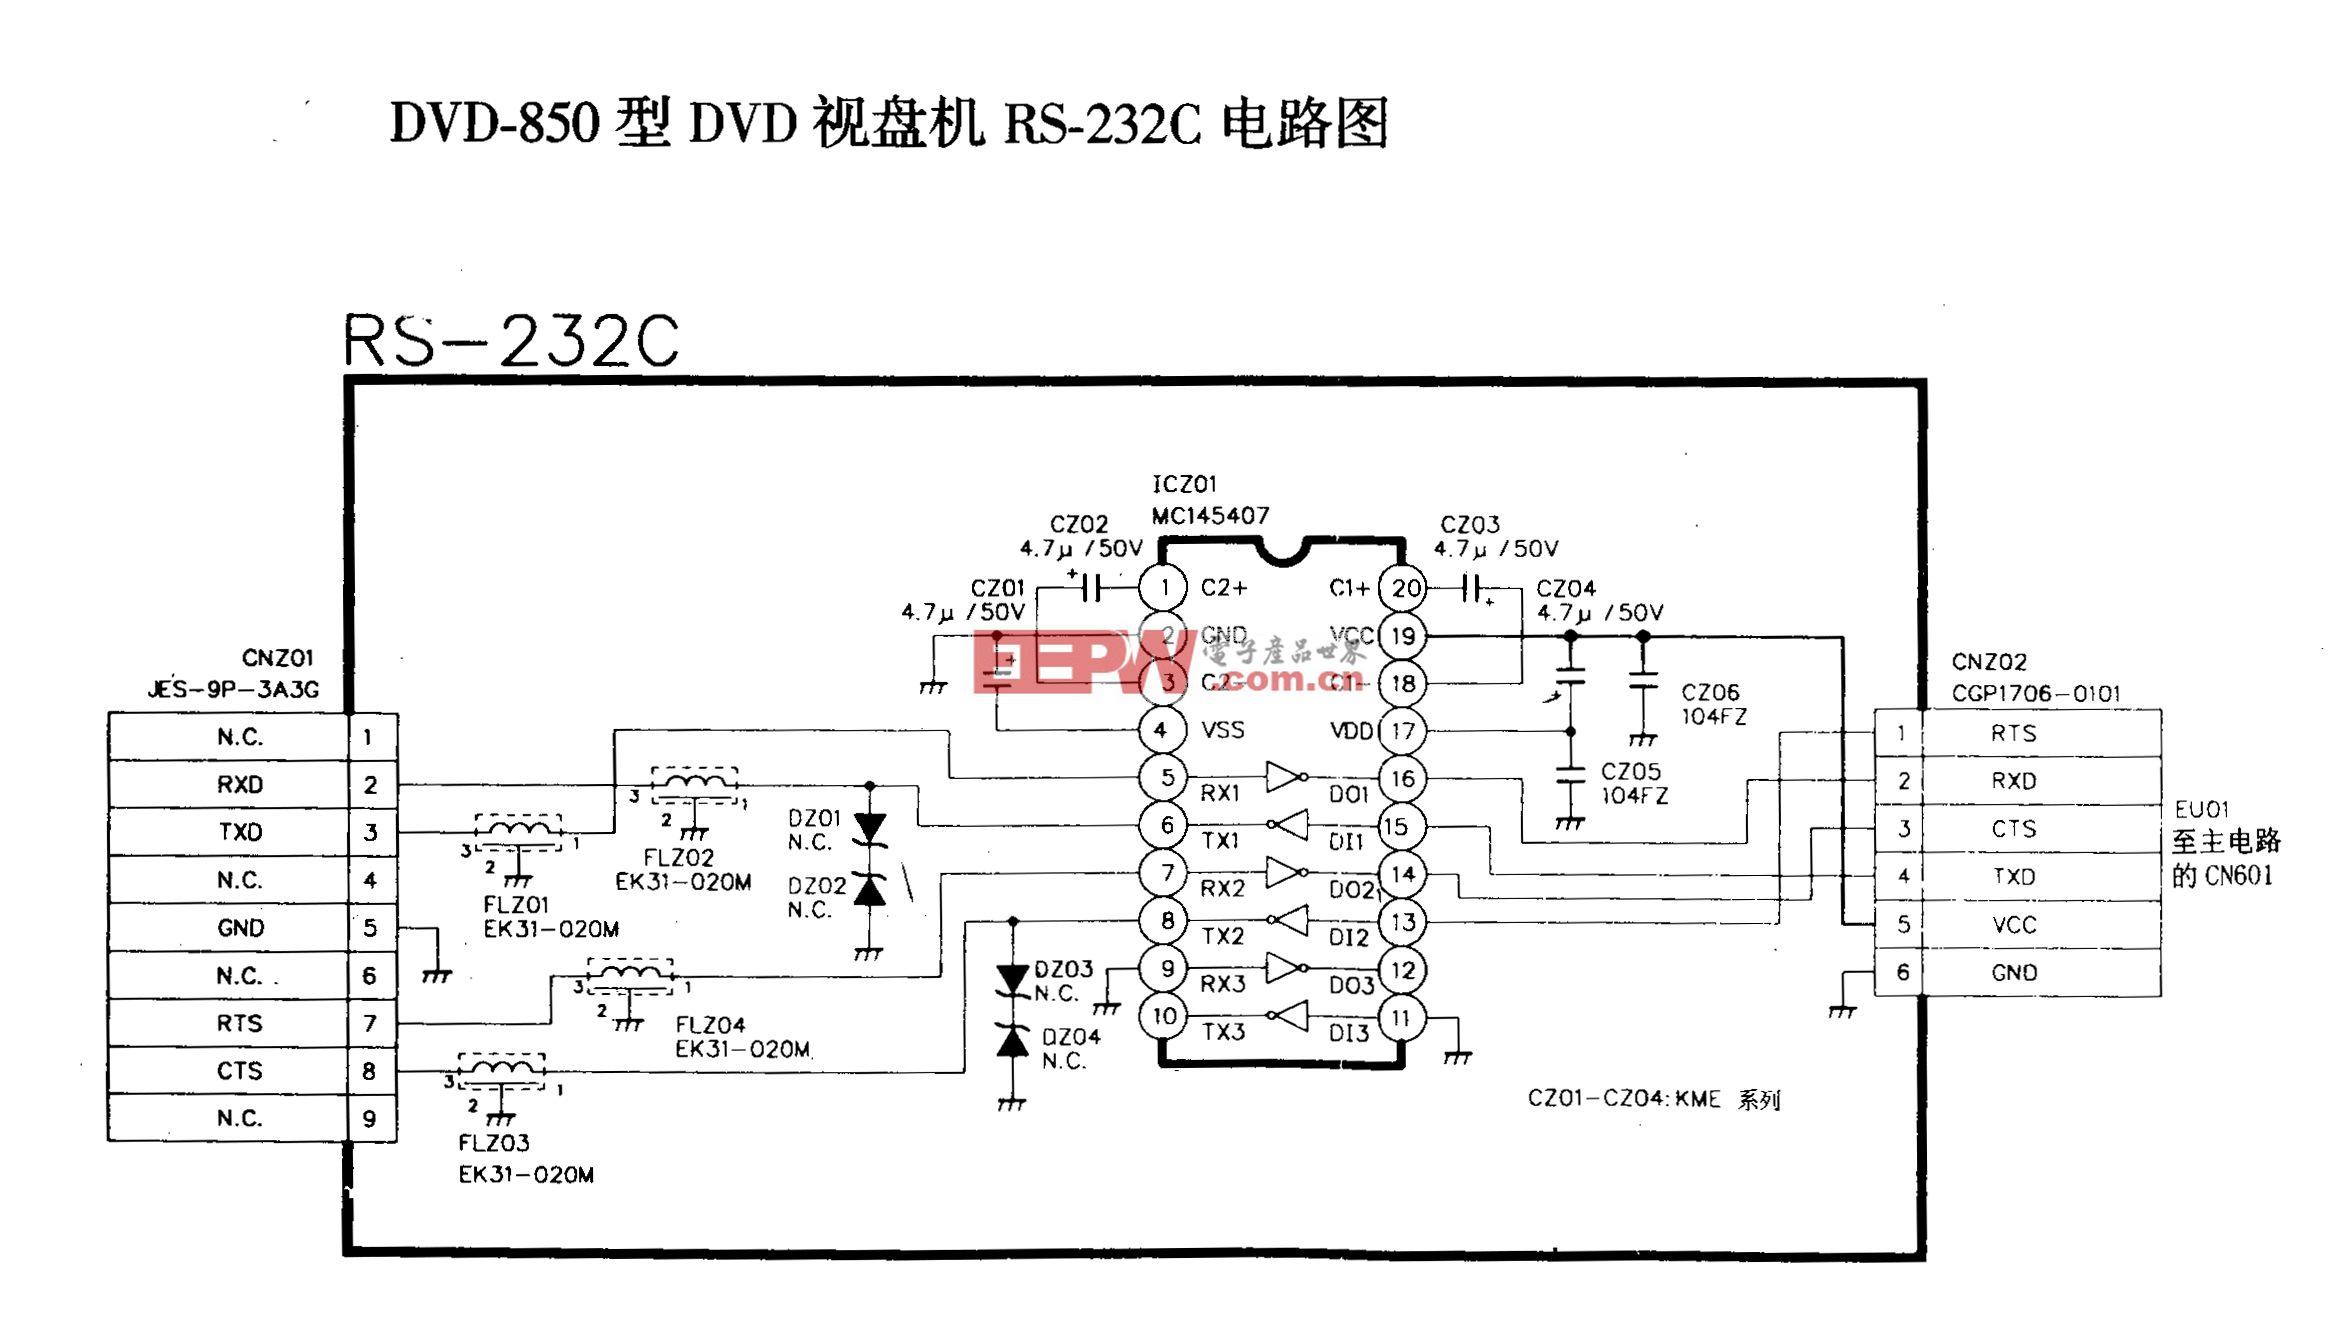 新科DVD-850型DVD-RS-232C电路图